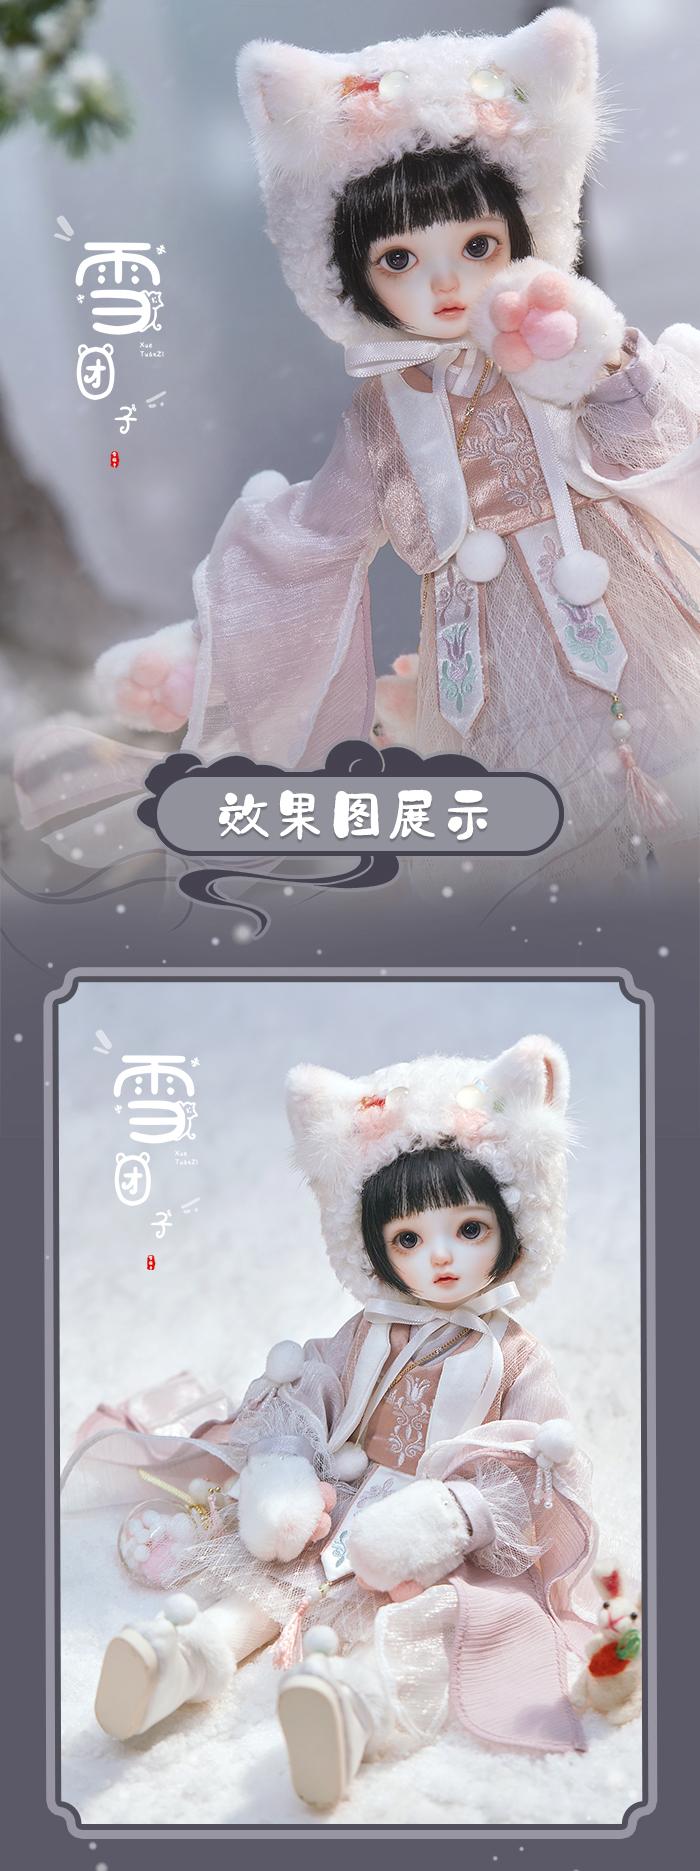 雪团子平铺_01.jpg